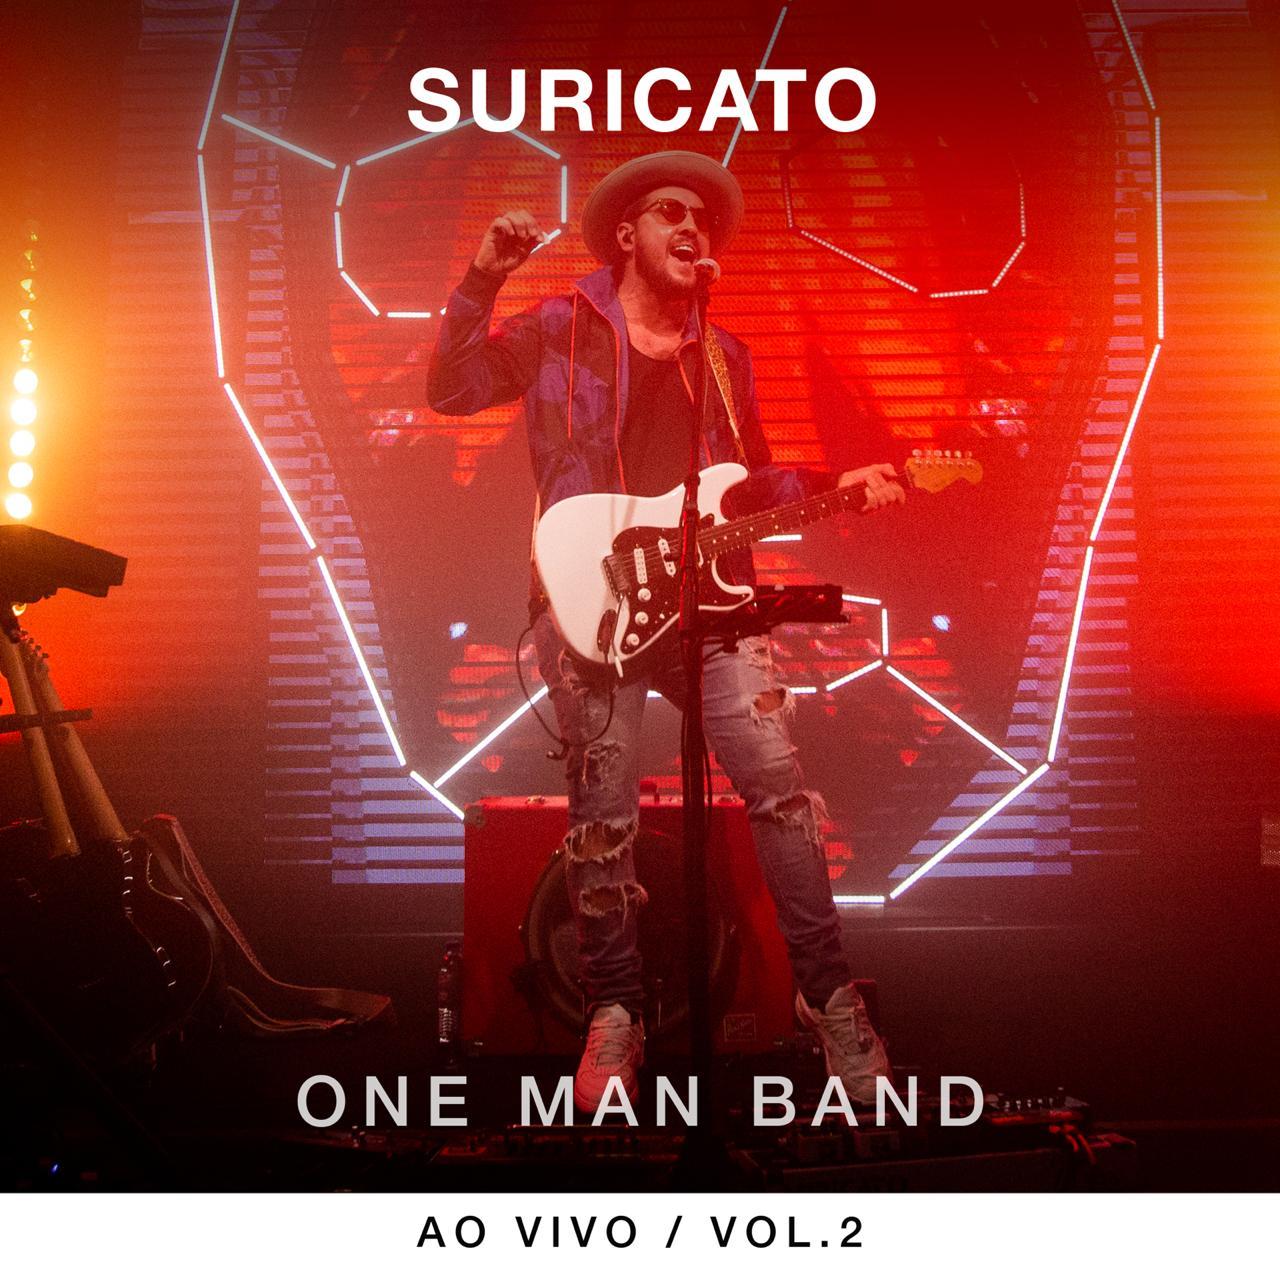 Suricato lança primeiro disco ao vivo com performance inspirada nos músicos de rua